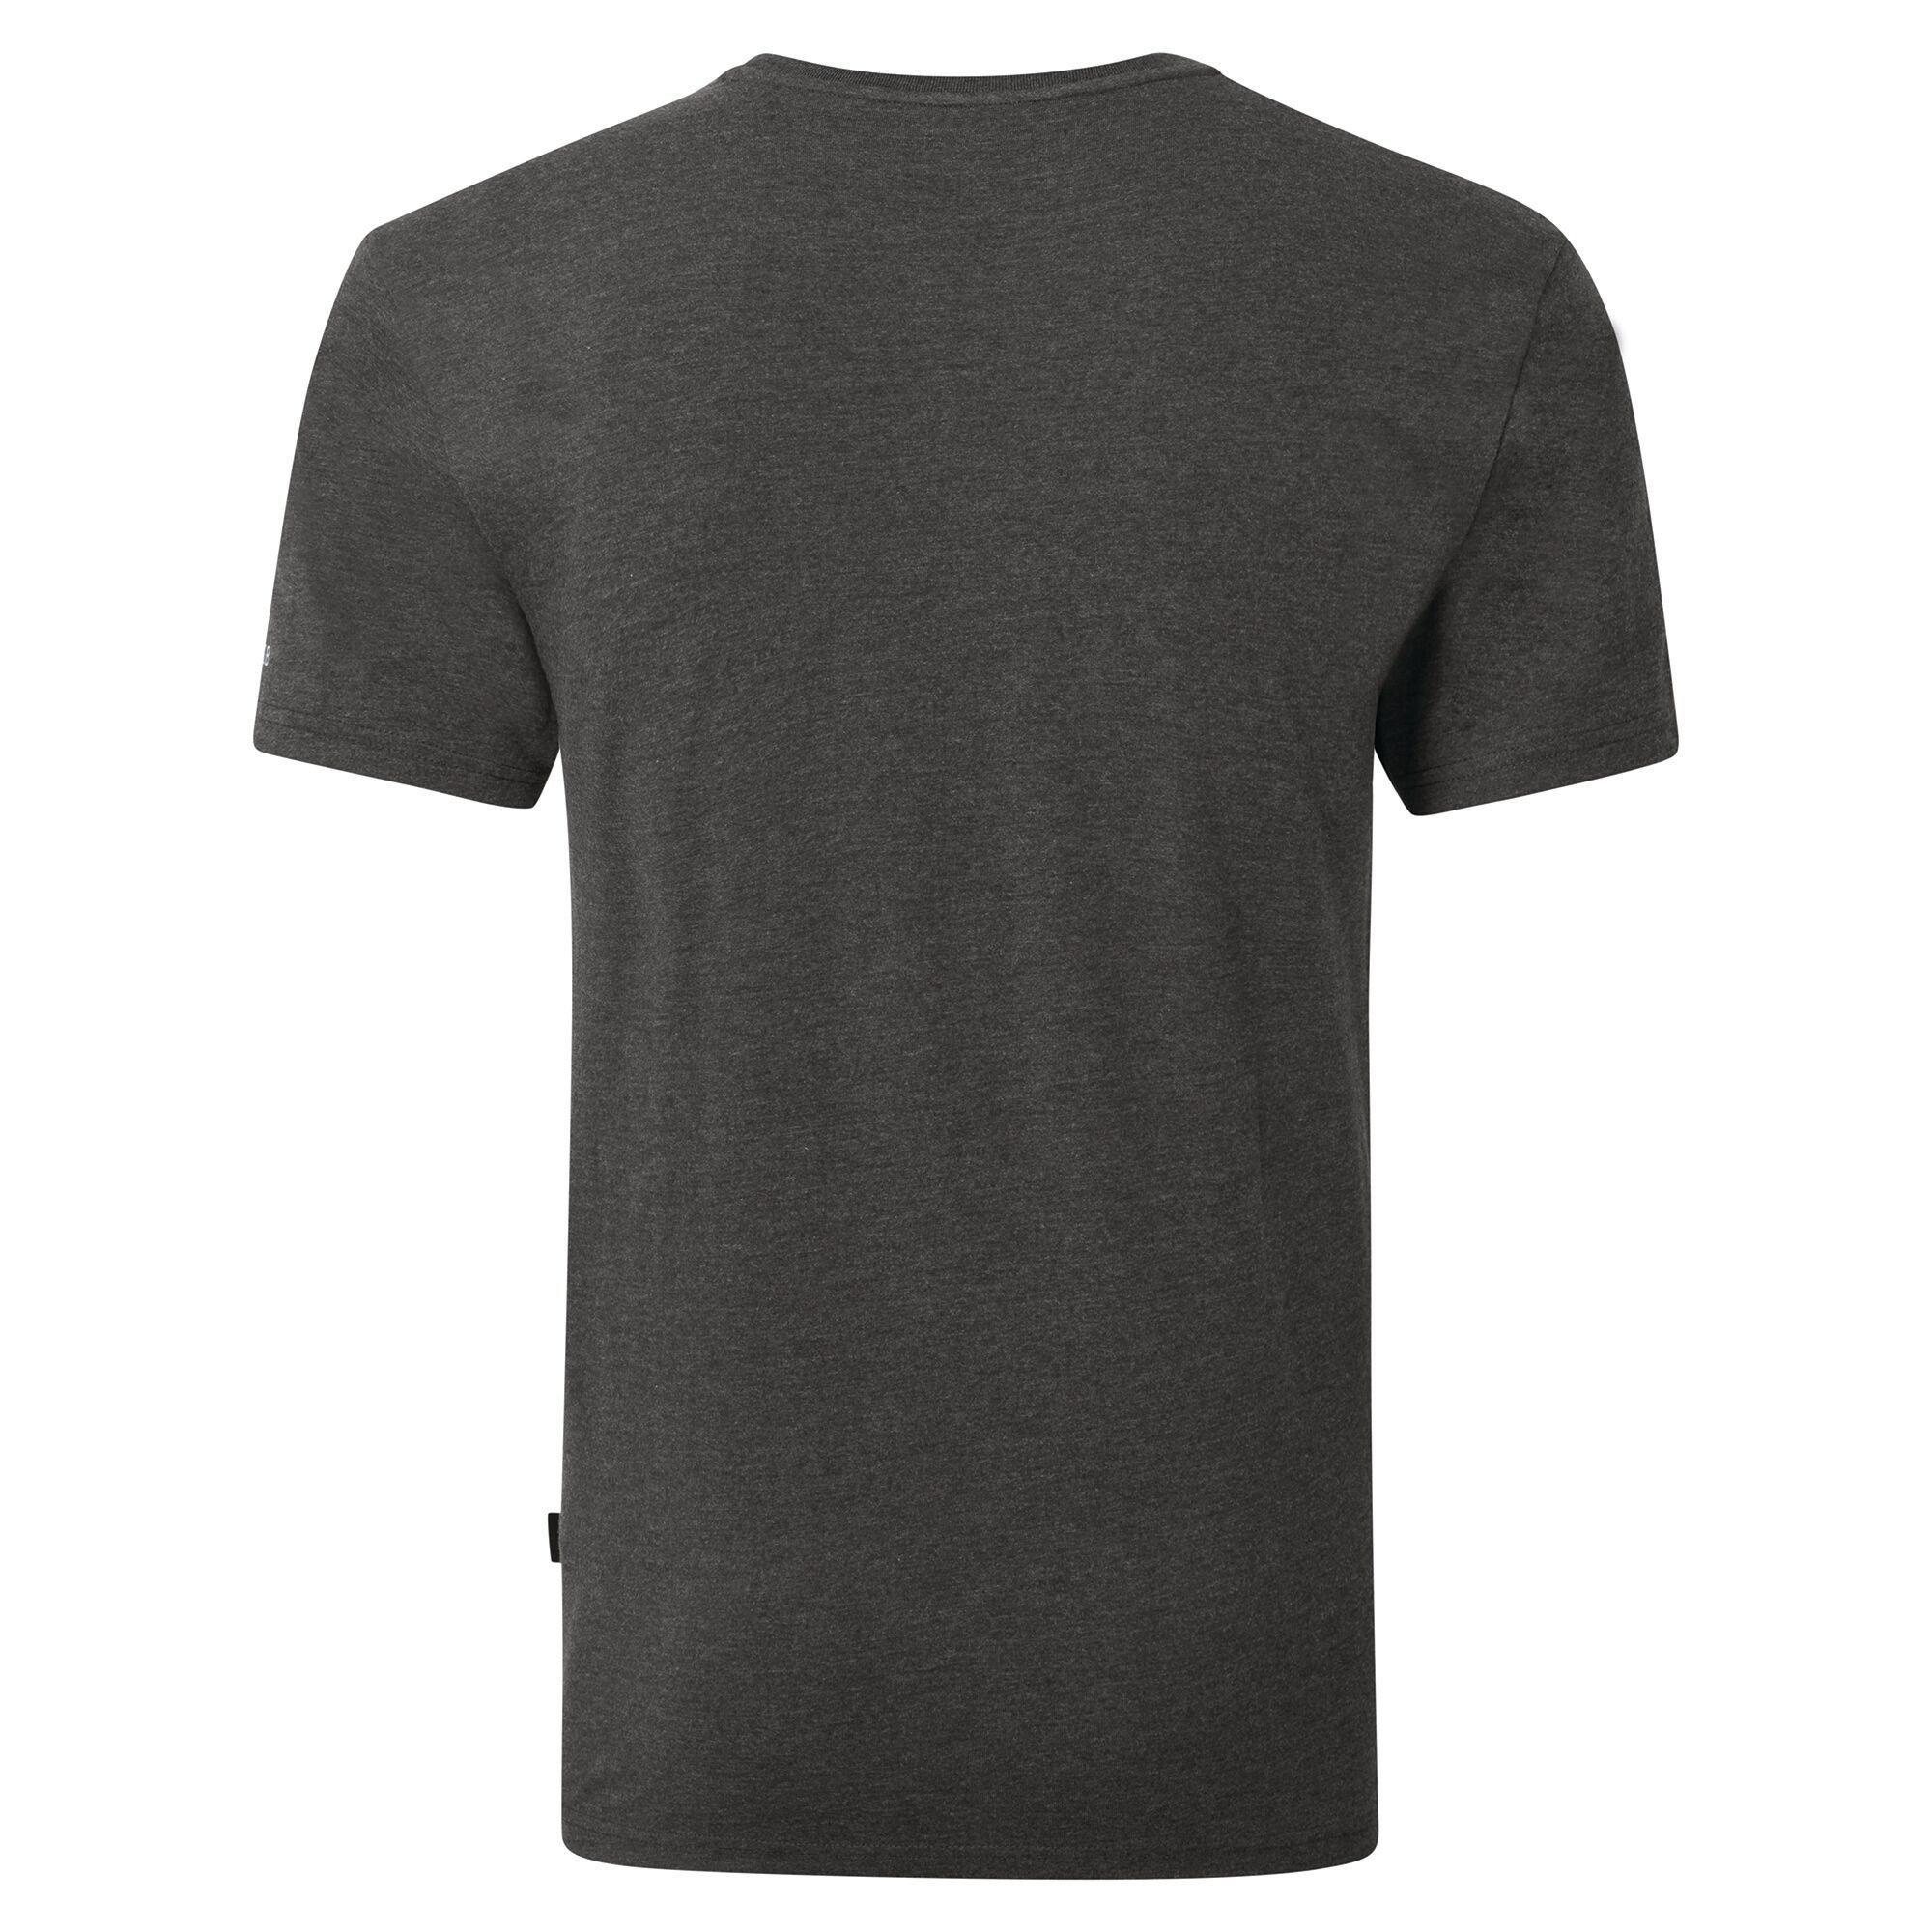 miniature 17 - Dare 2B - T-shirt imprimé STRINGENT - Homme (RG5022)